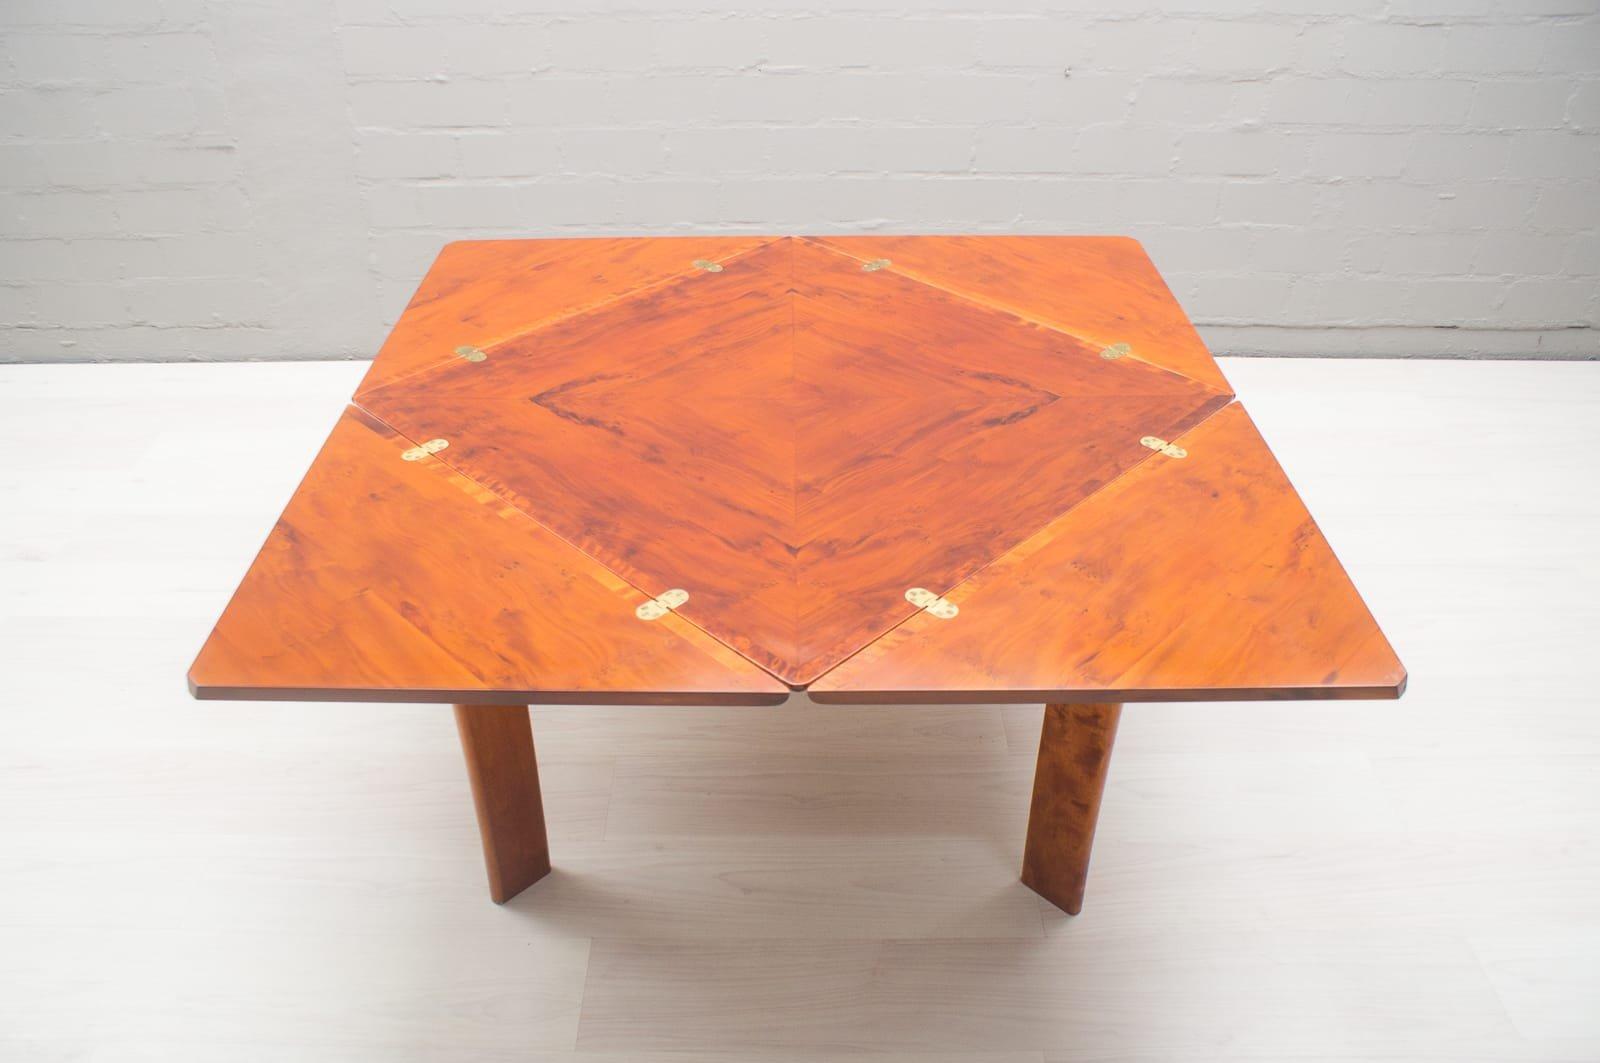 Vintage Spieltisch aus Holz, 1970er